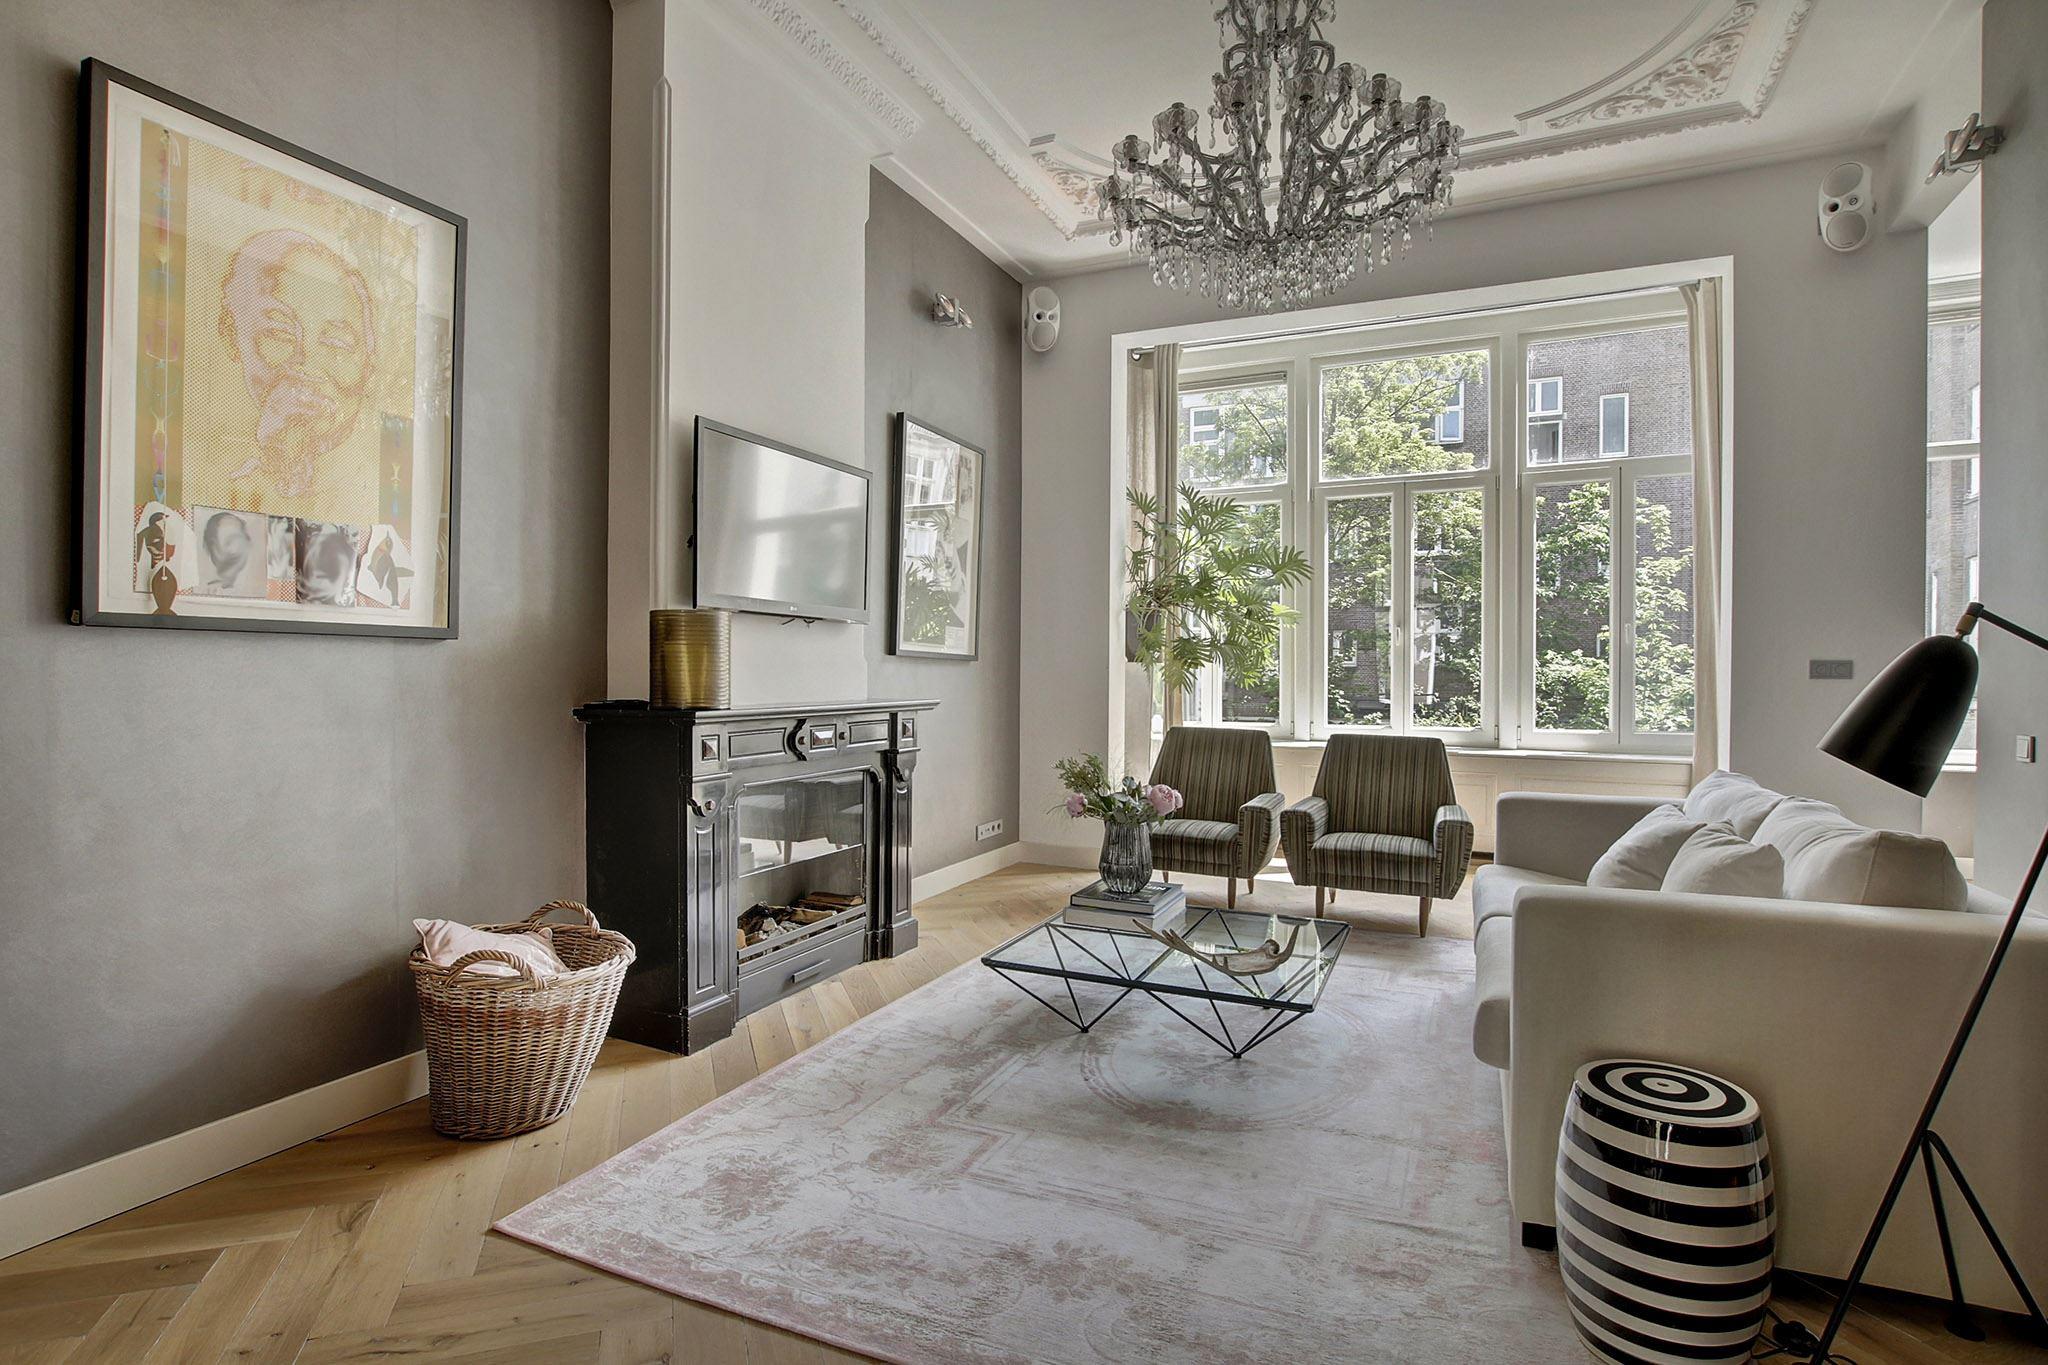 серые стены паркет бежевый диван кресла стеклянный столик камин телевизор корзина лепнина